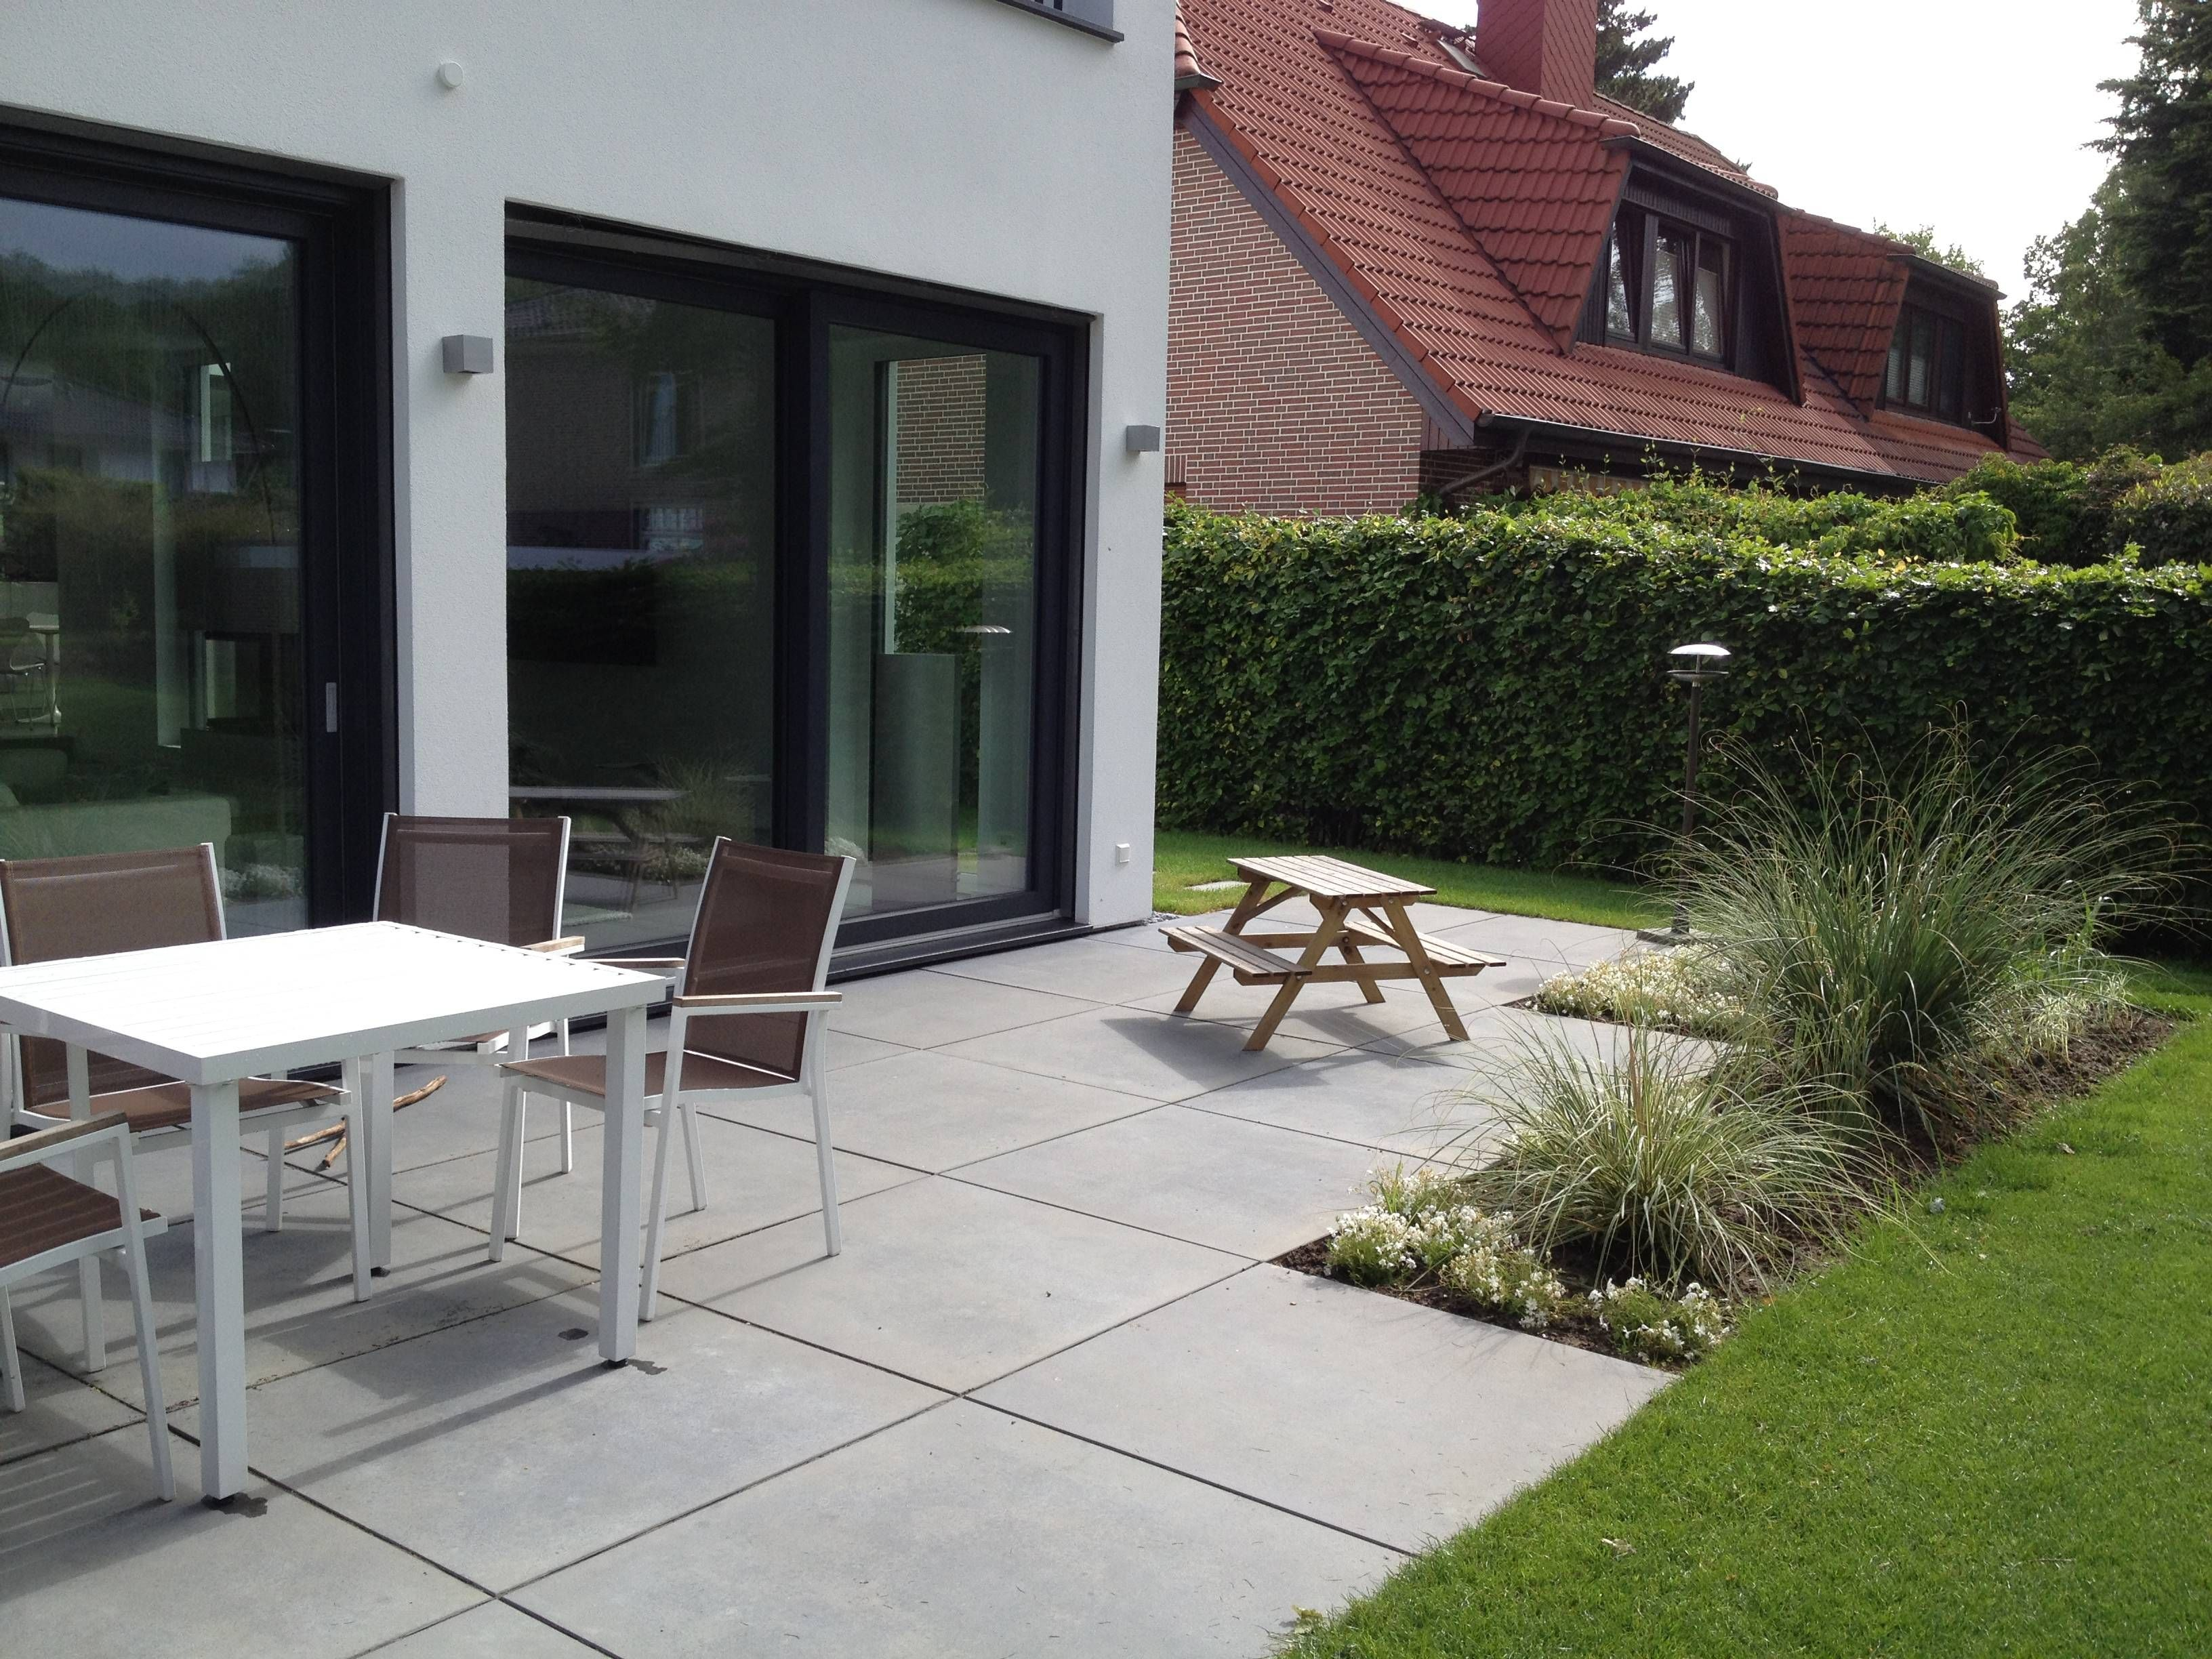 terrasse mit grossformat platten | righini garten- und